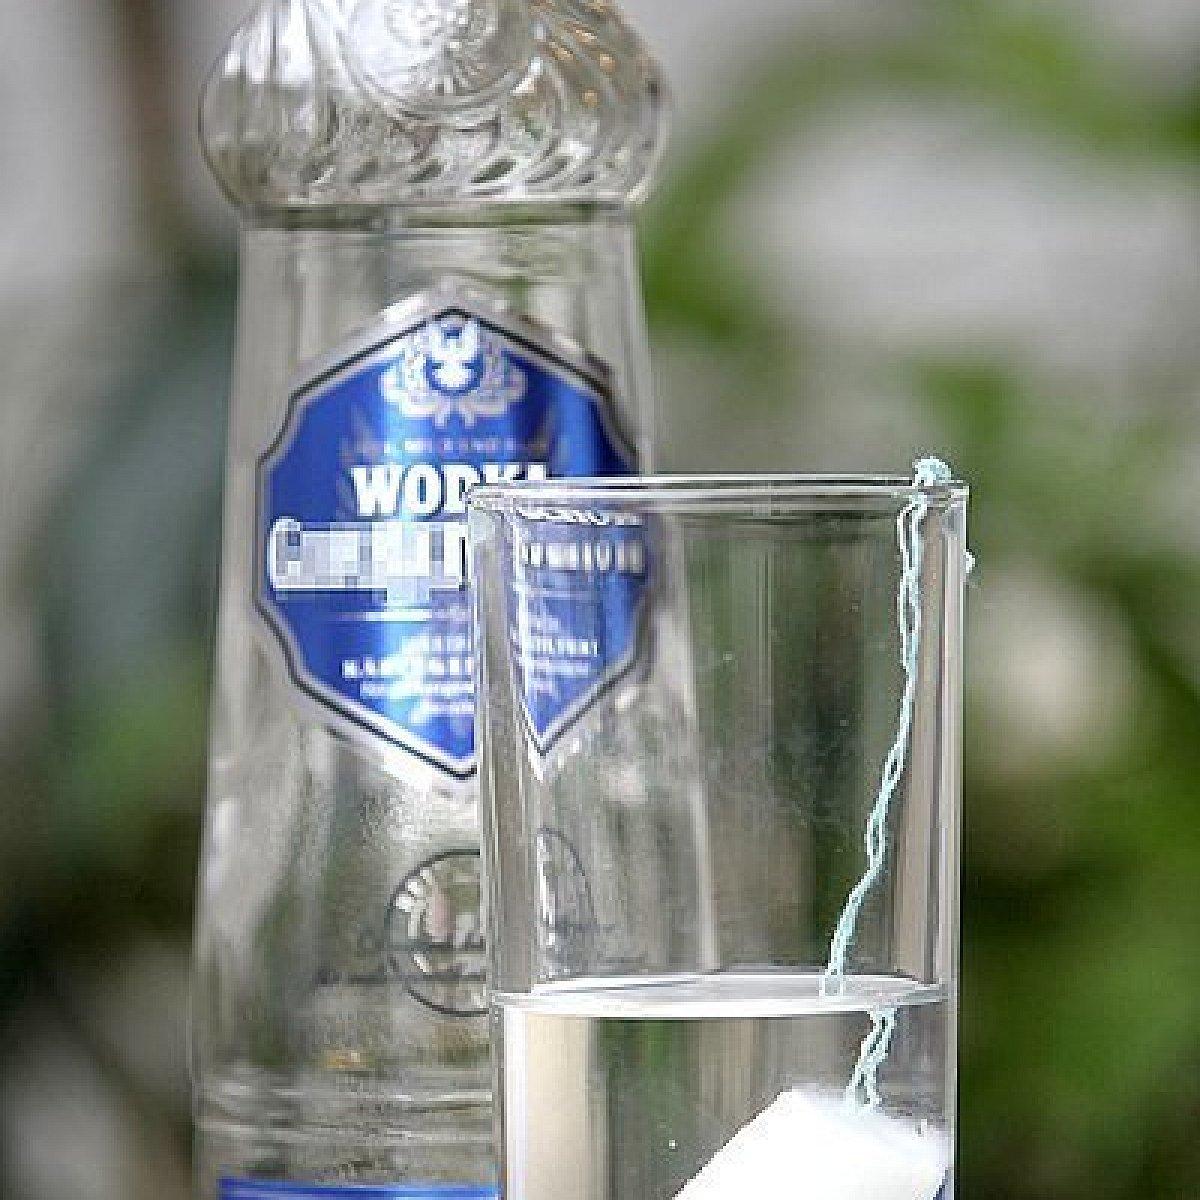 Mit einführen tampon wodka Tampon einführen: